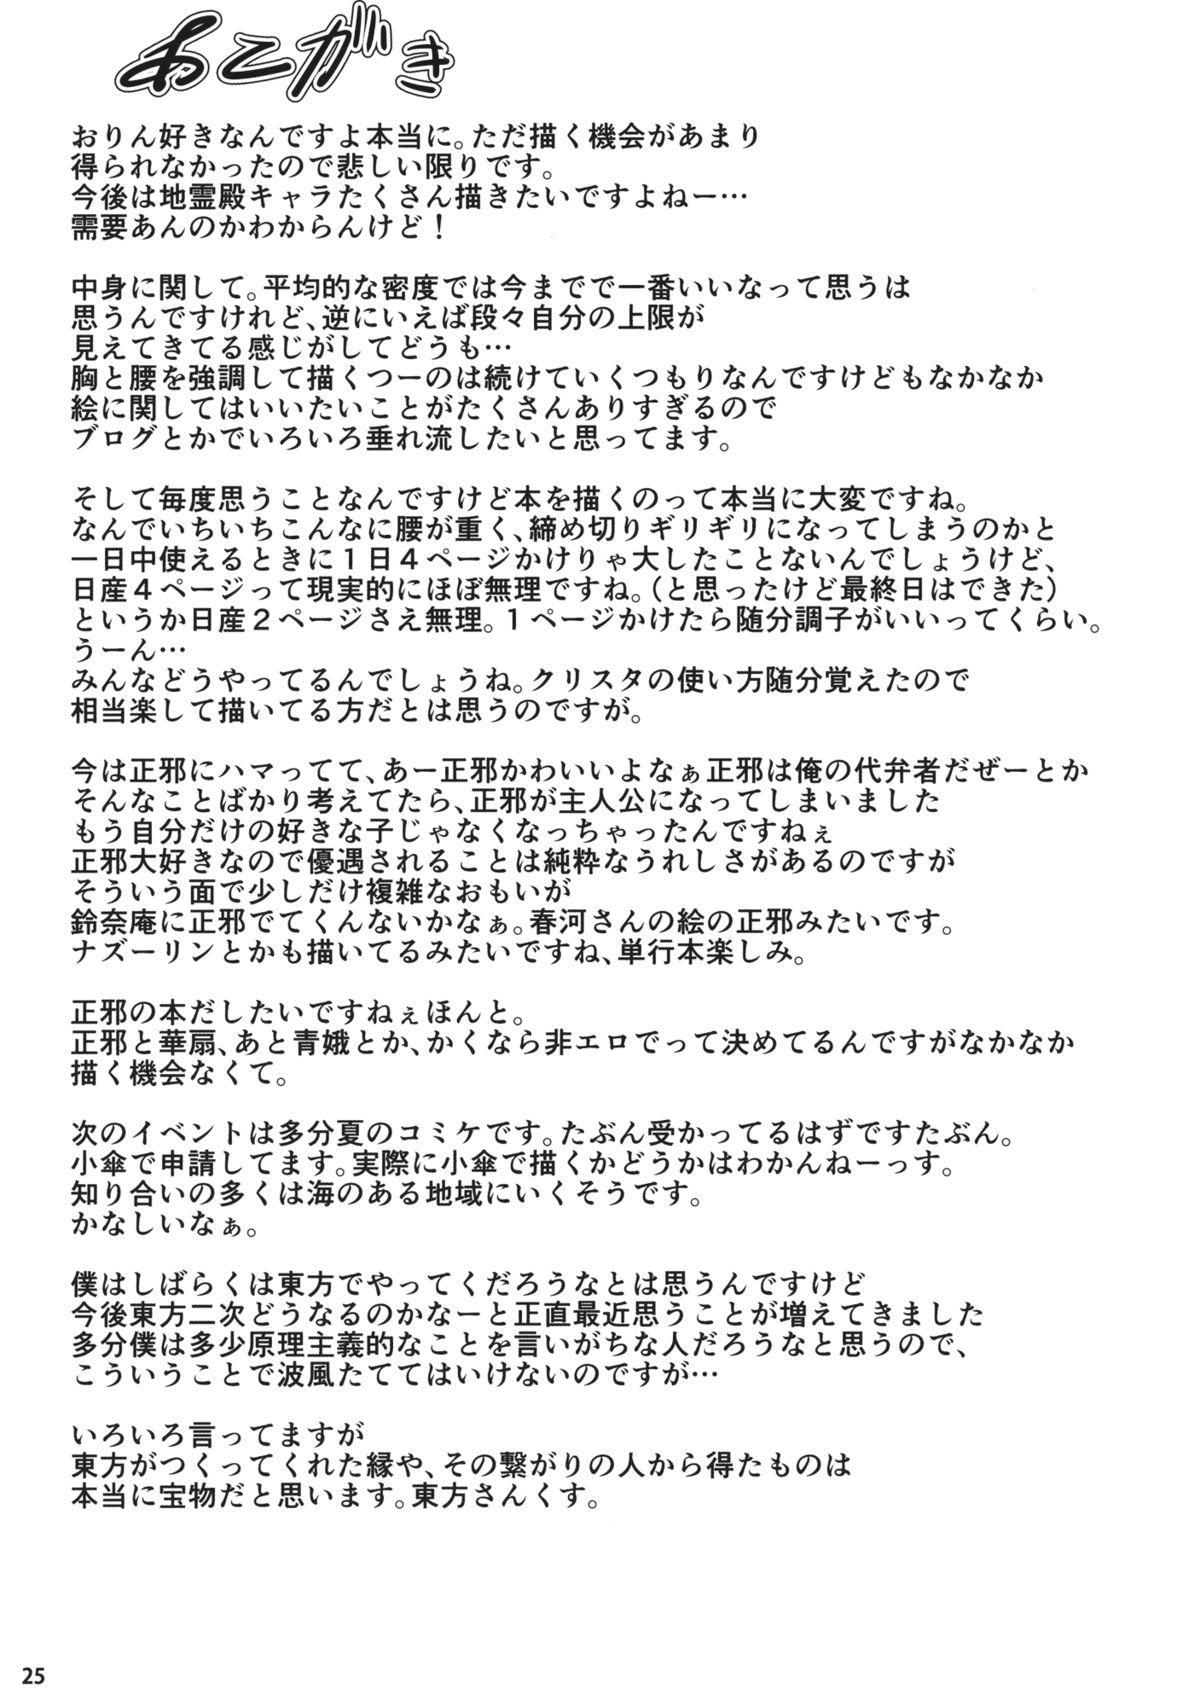 Neko no Kimochi wa Futeikei 23